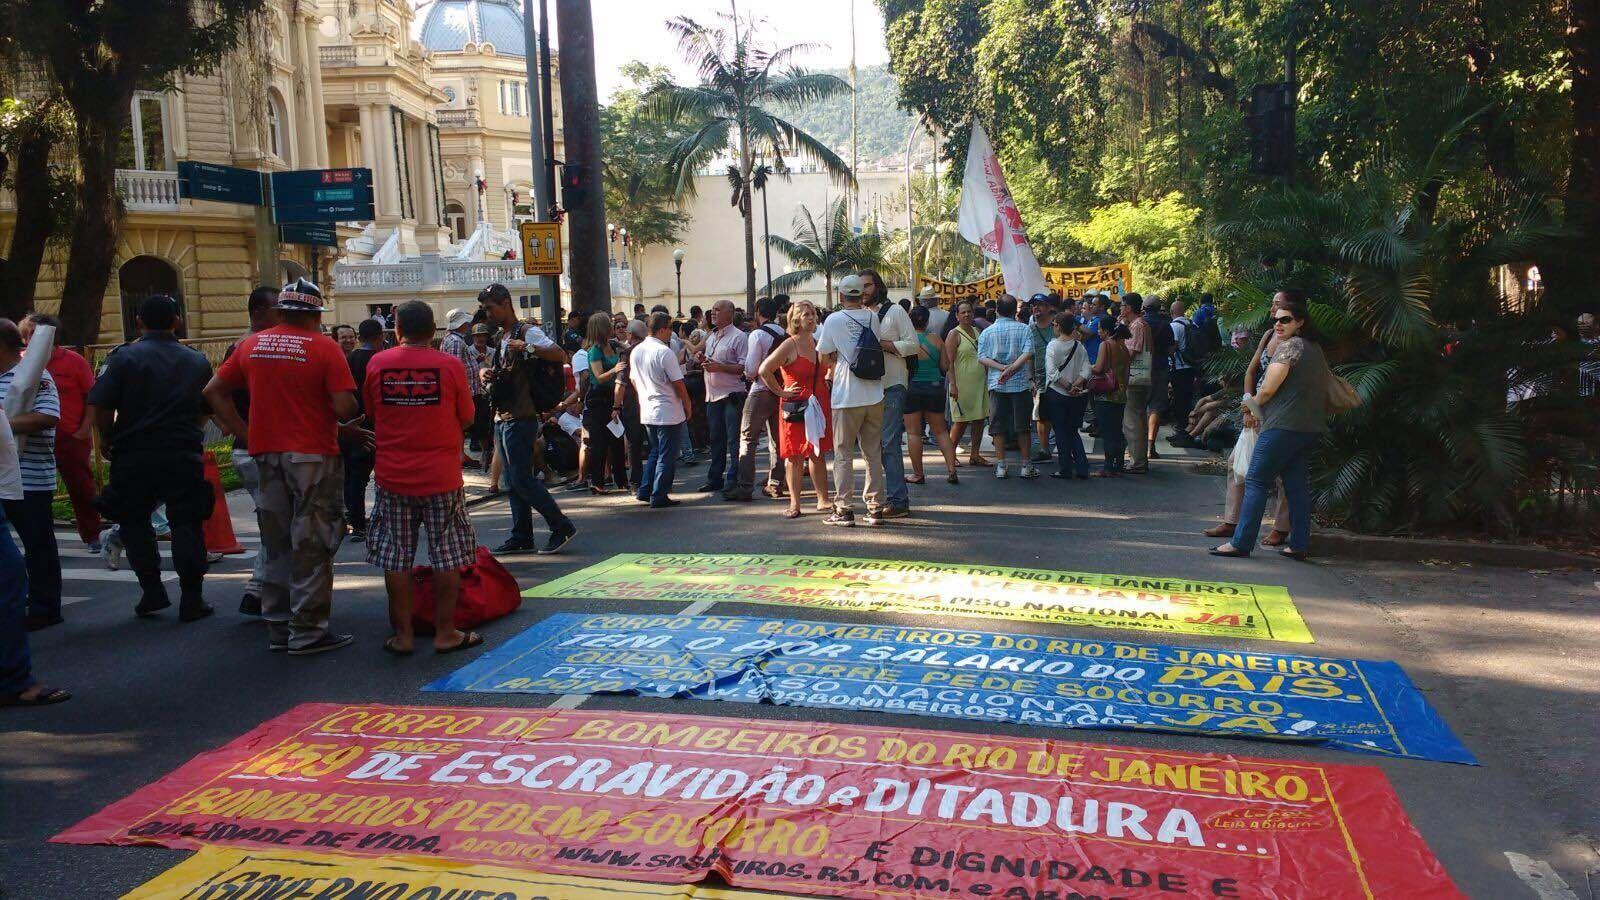 Os manifestantes reivindicam a quitação do salário de dezembro e o pagamento do 13º salário, ambos sem previsão / Mariana Guedes - Band Rio